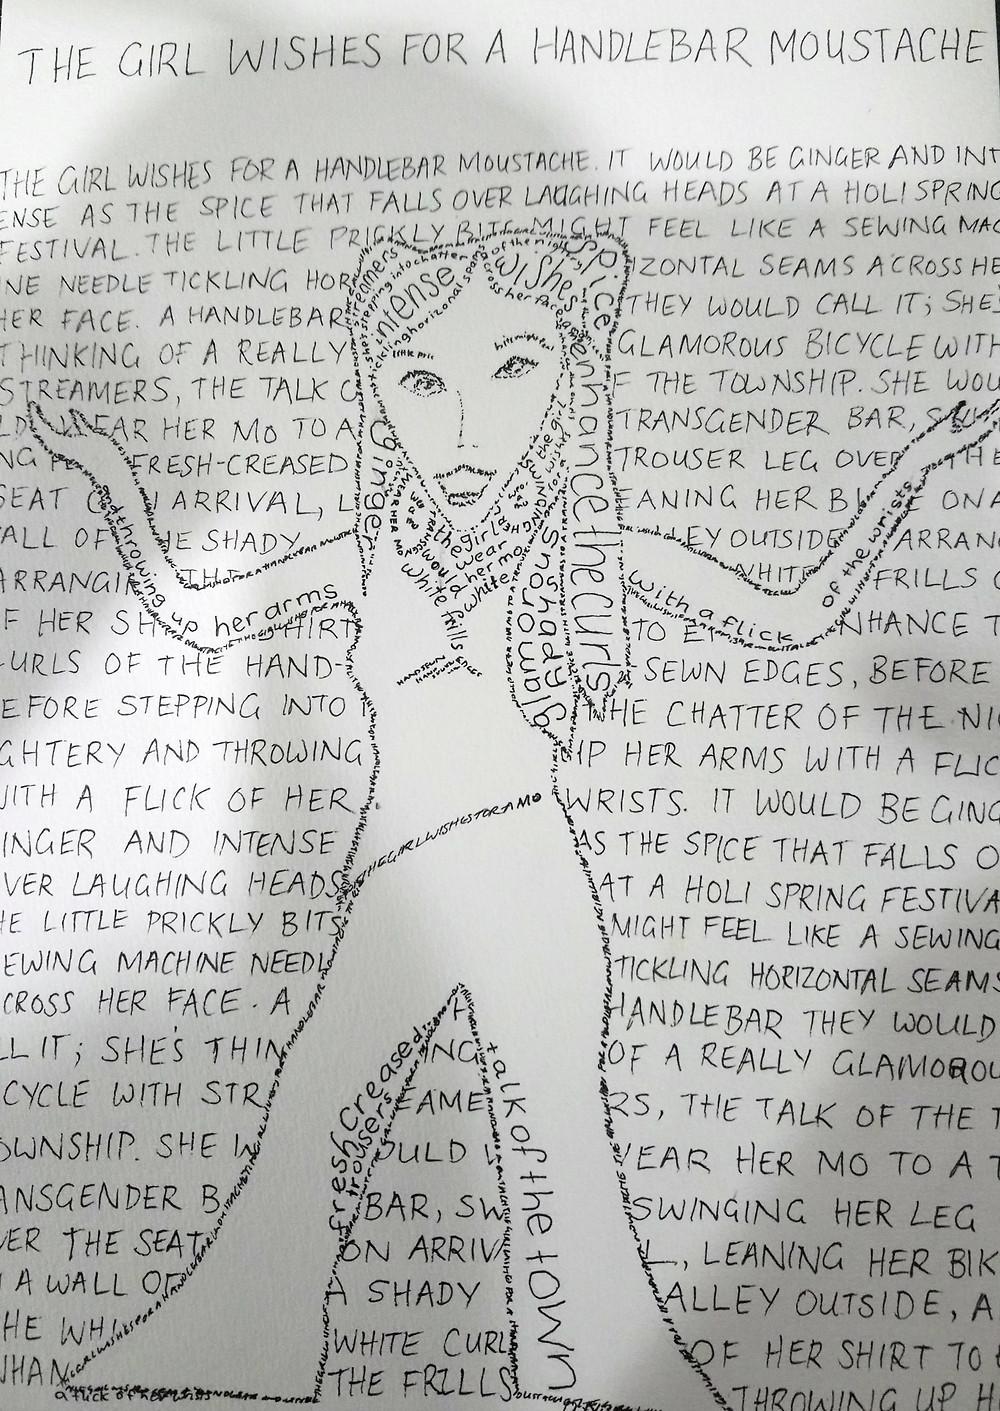 Word Art by Gail Ingram